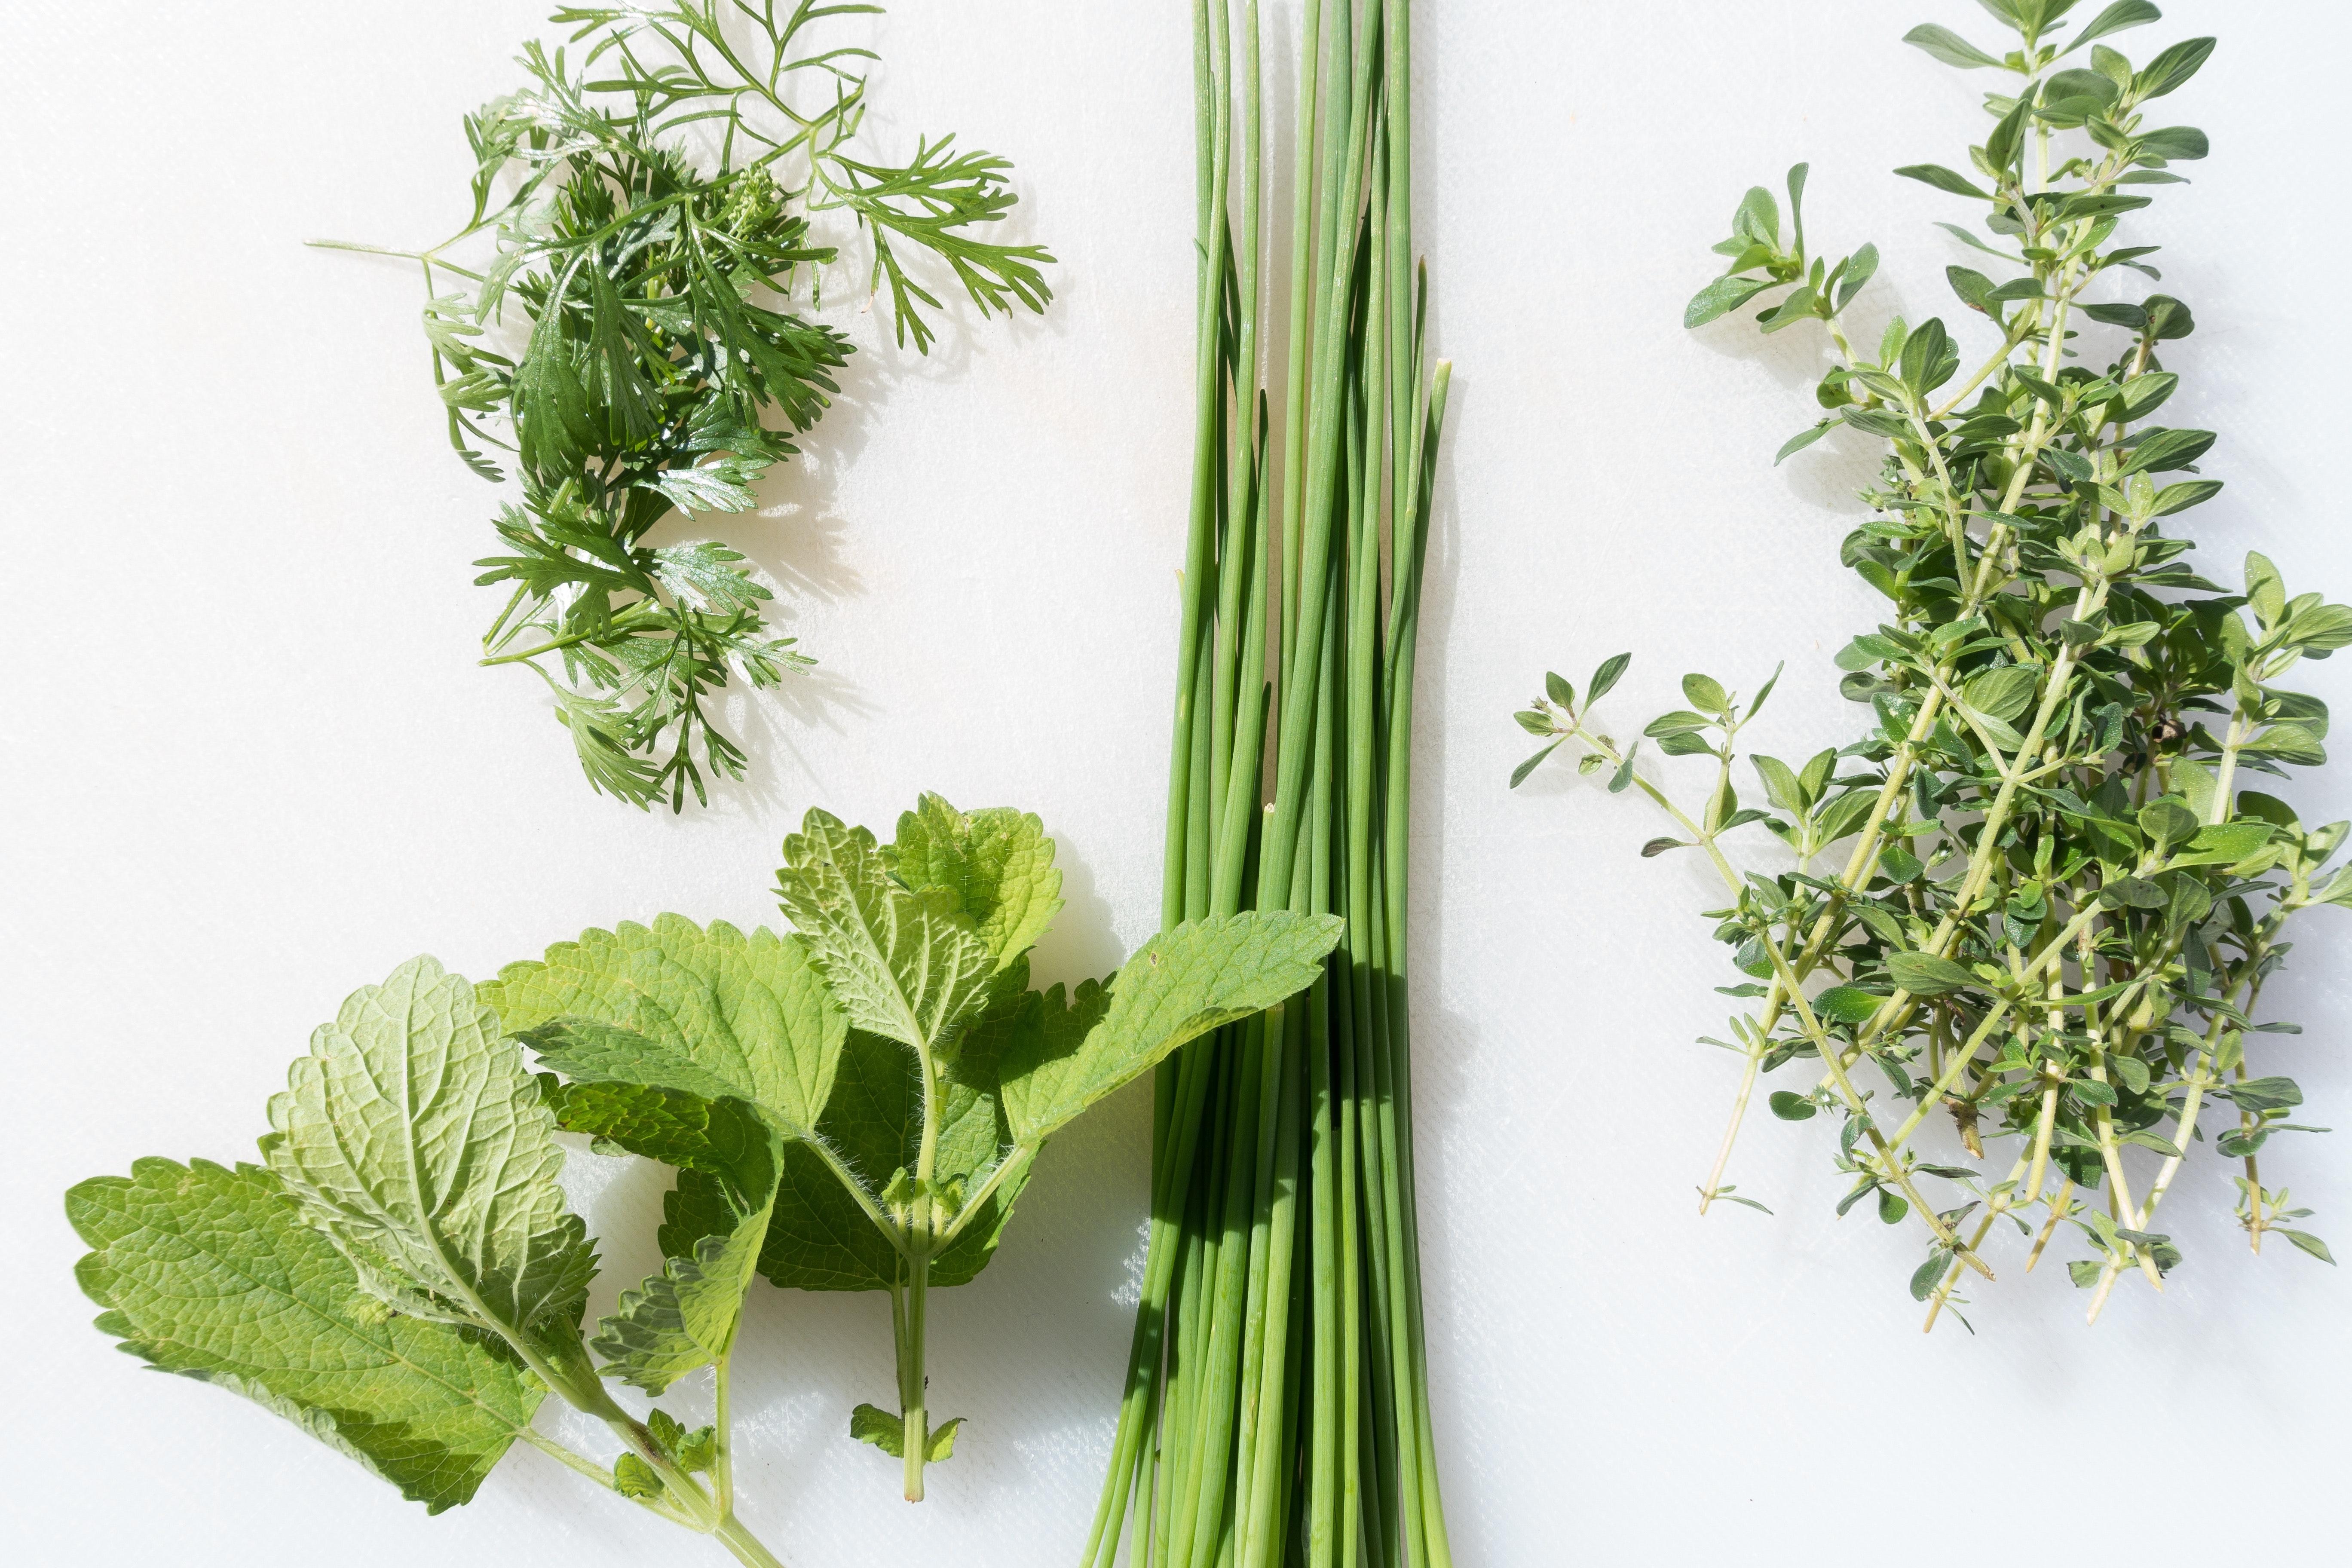 Assortment of fresh herbs